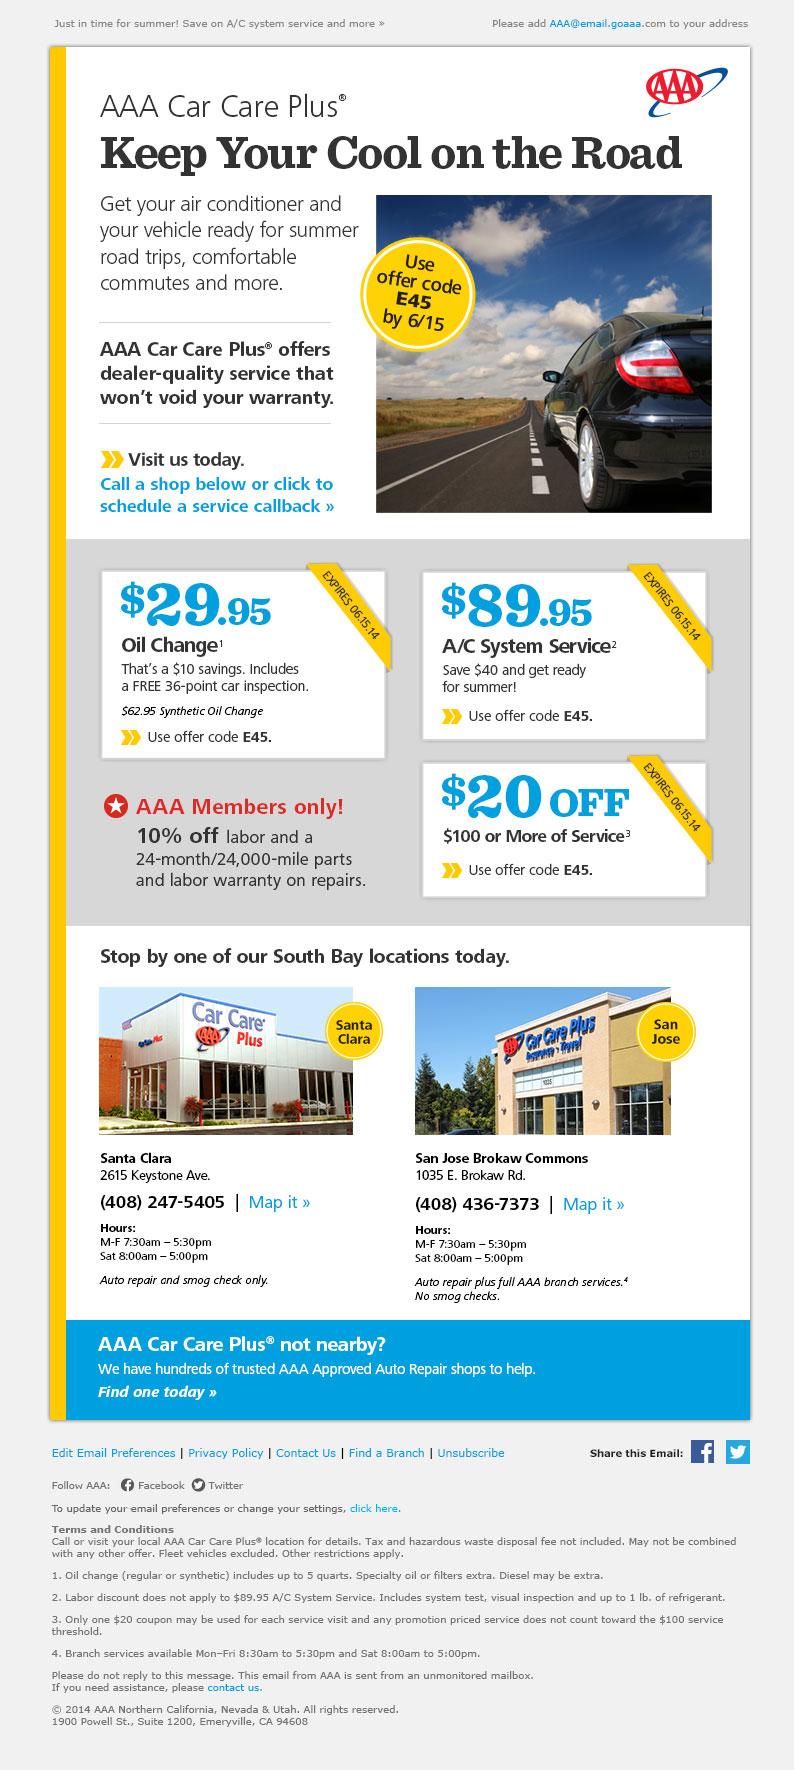 Car Care Plus email